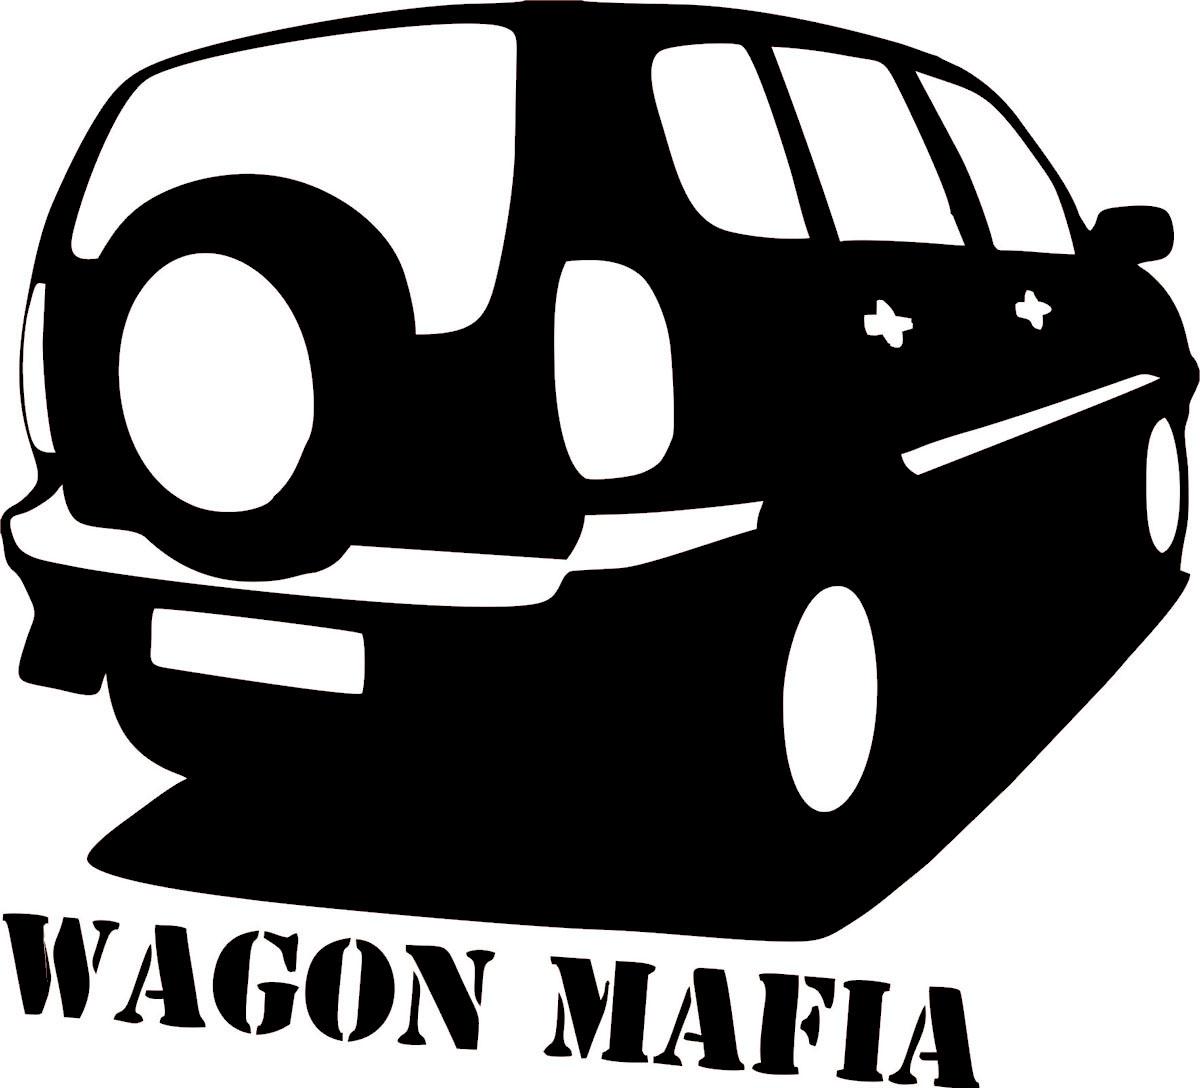 Наклейка автомобильная Оранжевый слоник Wagon Mafia 1, виниловая, цвет: черный1504400010BОригинальная наклейка Оранжевый слоник Wagon Mafia 1 изготовлена из высококачественной виниловой пленки, которая выполняет не только декоративную функцию, но и защищает кузов автомобиля от небольших механических повреждений, либо скрывает уже существующие.Виниловые наклейки на автомобиль - это не только красиво, но еще и быстро! Всего за несколько минут вы можете полностью преобразить свой автомобиль, сделать его ярким, необычным, особенным и неповторимым!